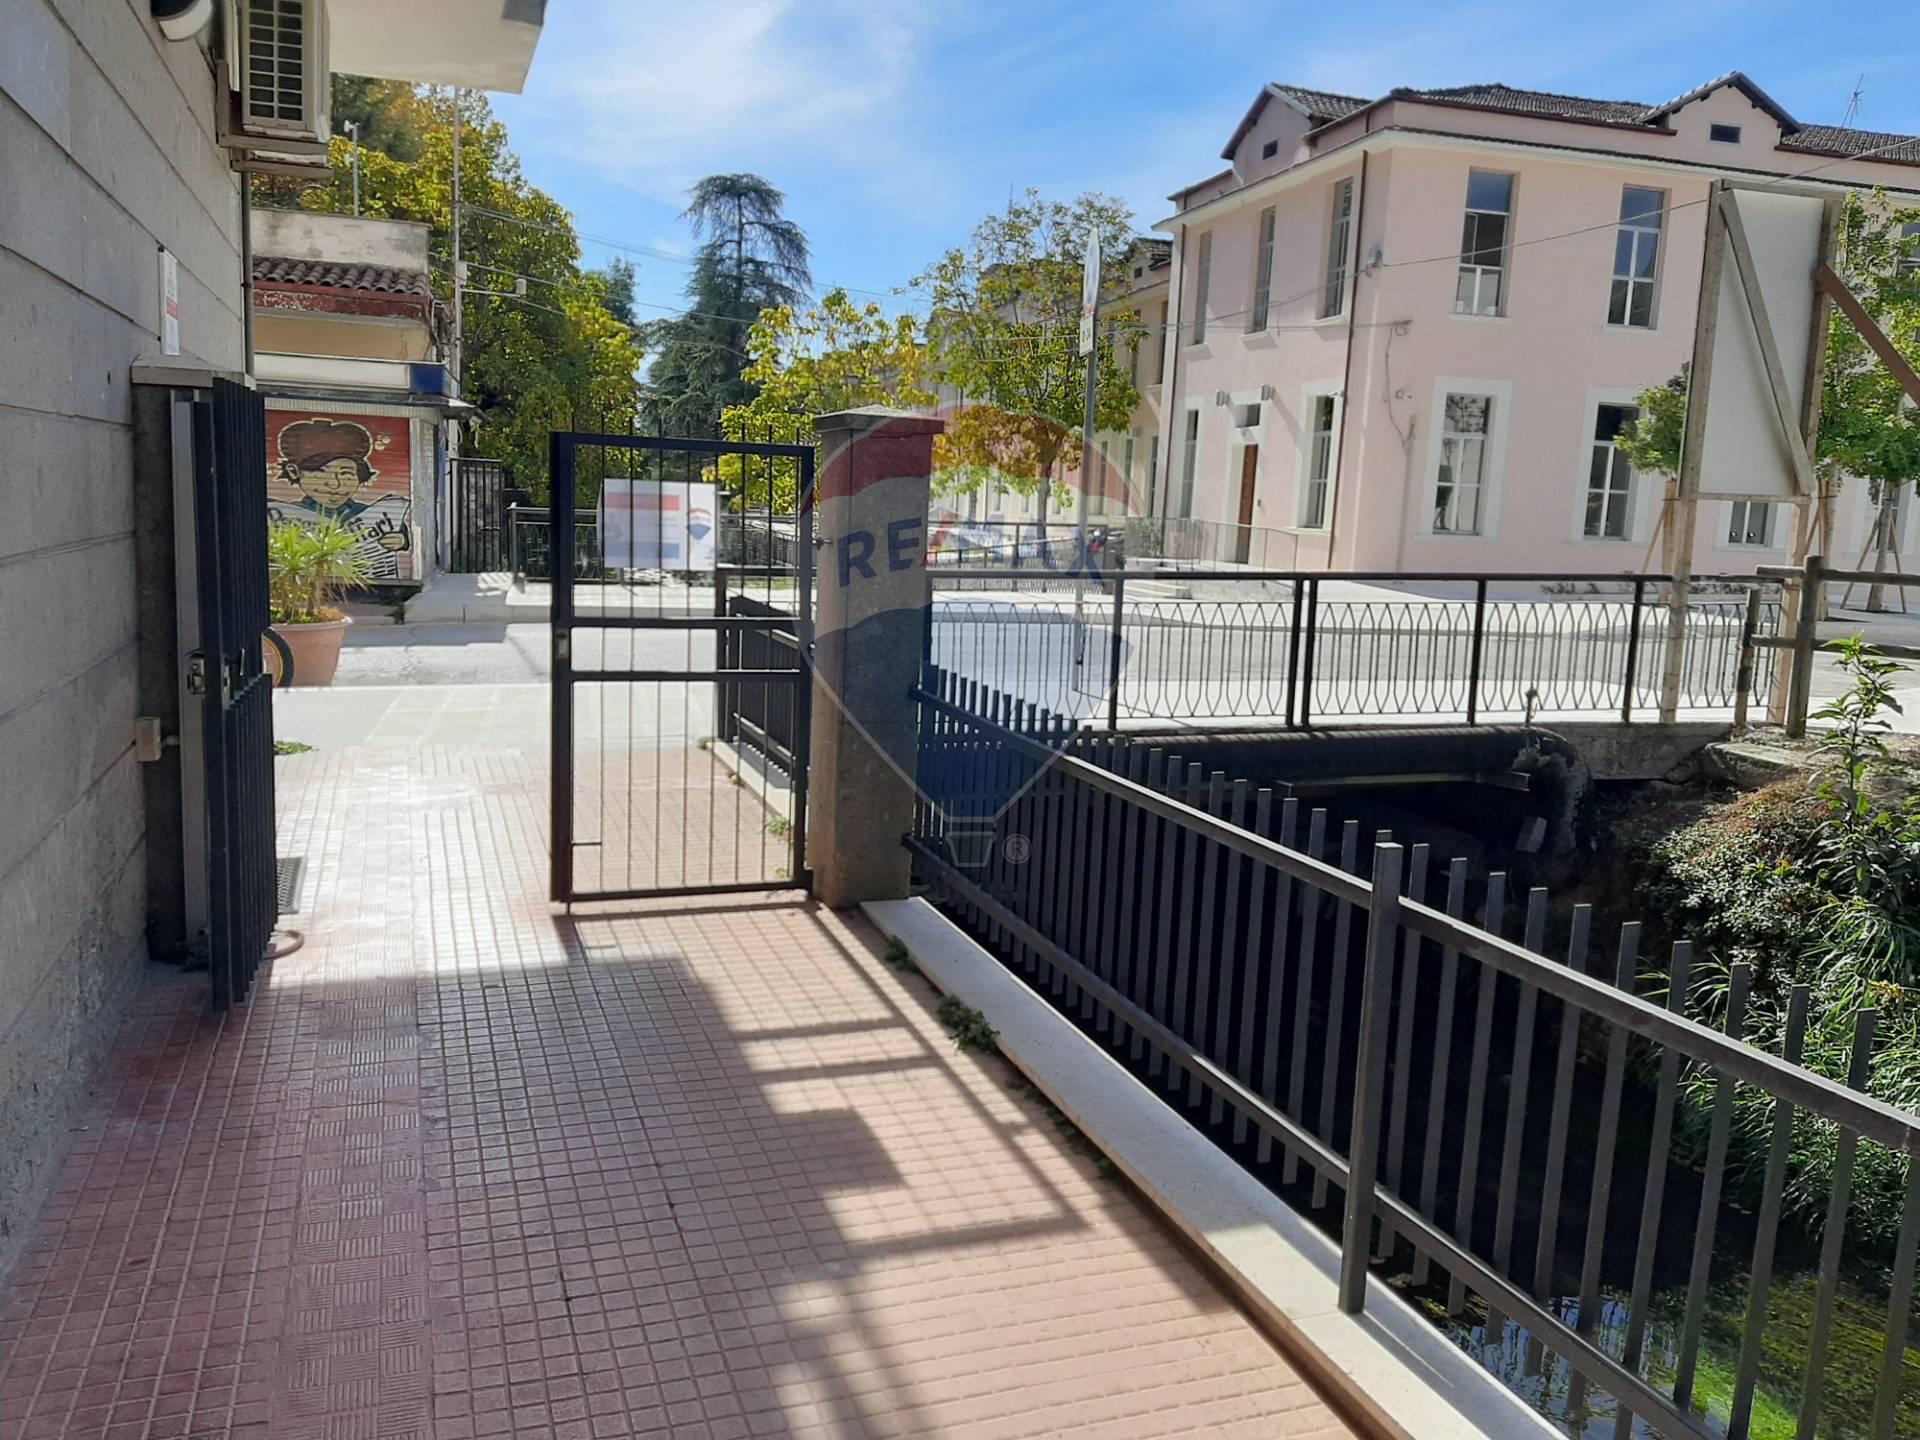 Appartamento in vendita a Popoli, 5 locali, prezzo € 80.000 | CambioCasa.it